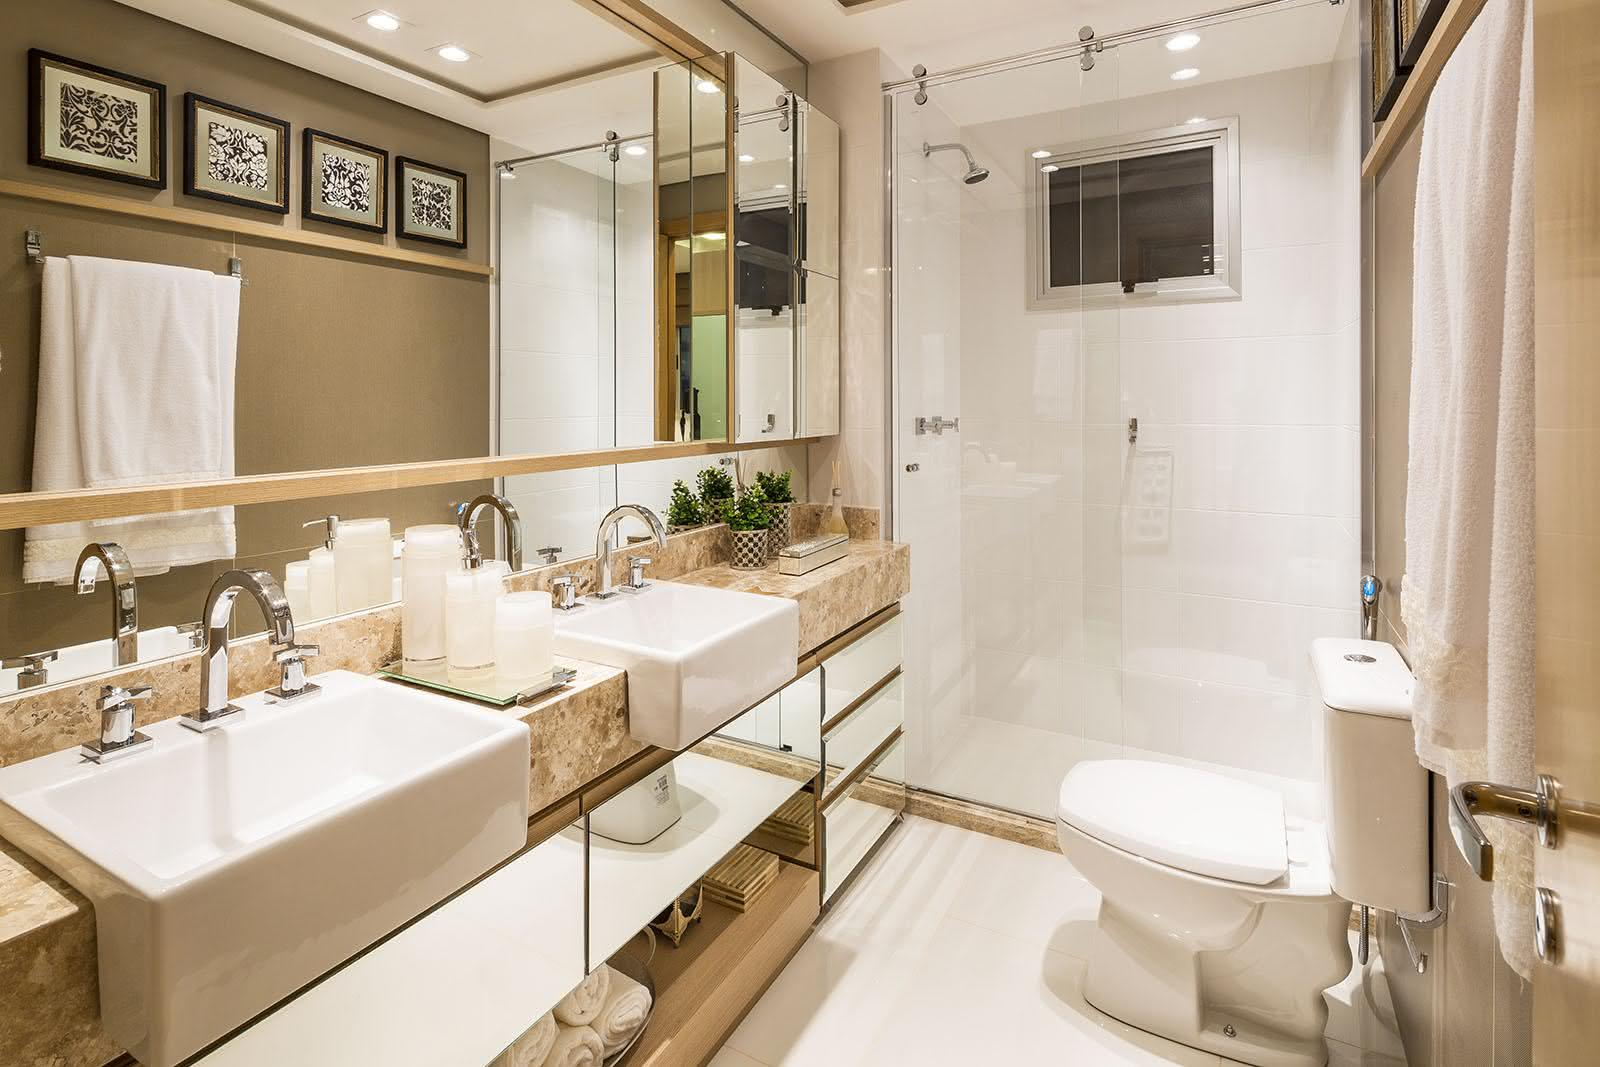 50 Bancadas de Banheiros e Lavabos para te Inspirar #515924 1600x1067 Balcao Banheiro Moderno